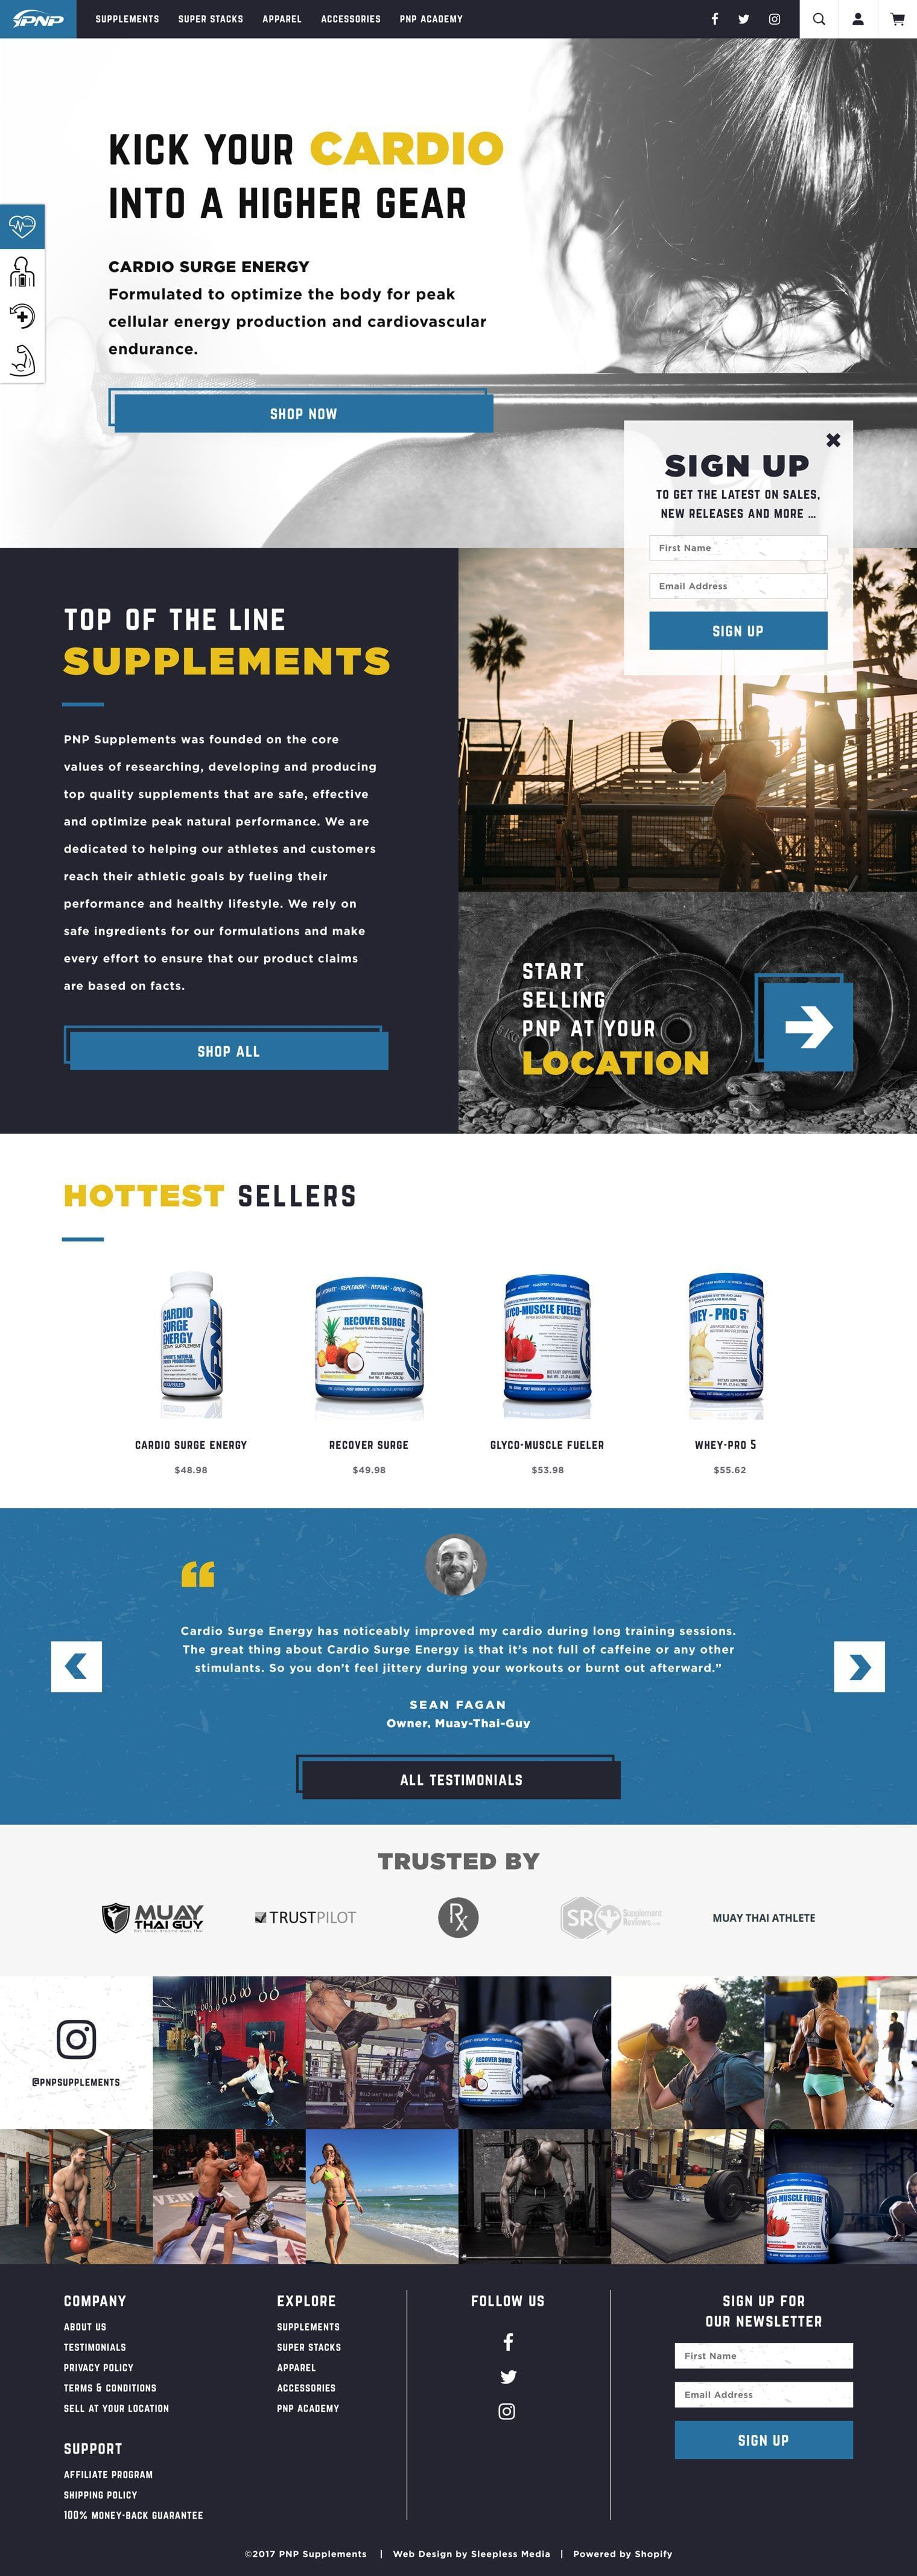 PNP Supplements Homepage